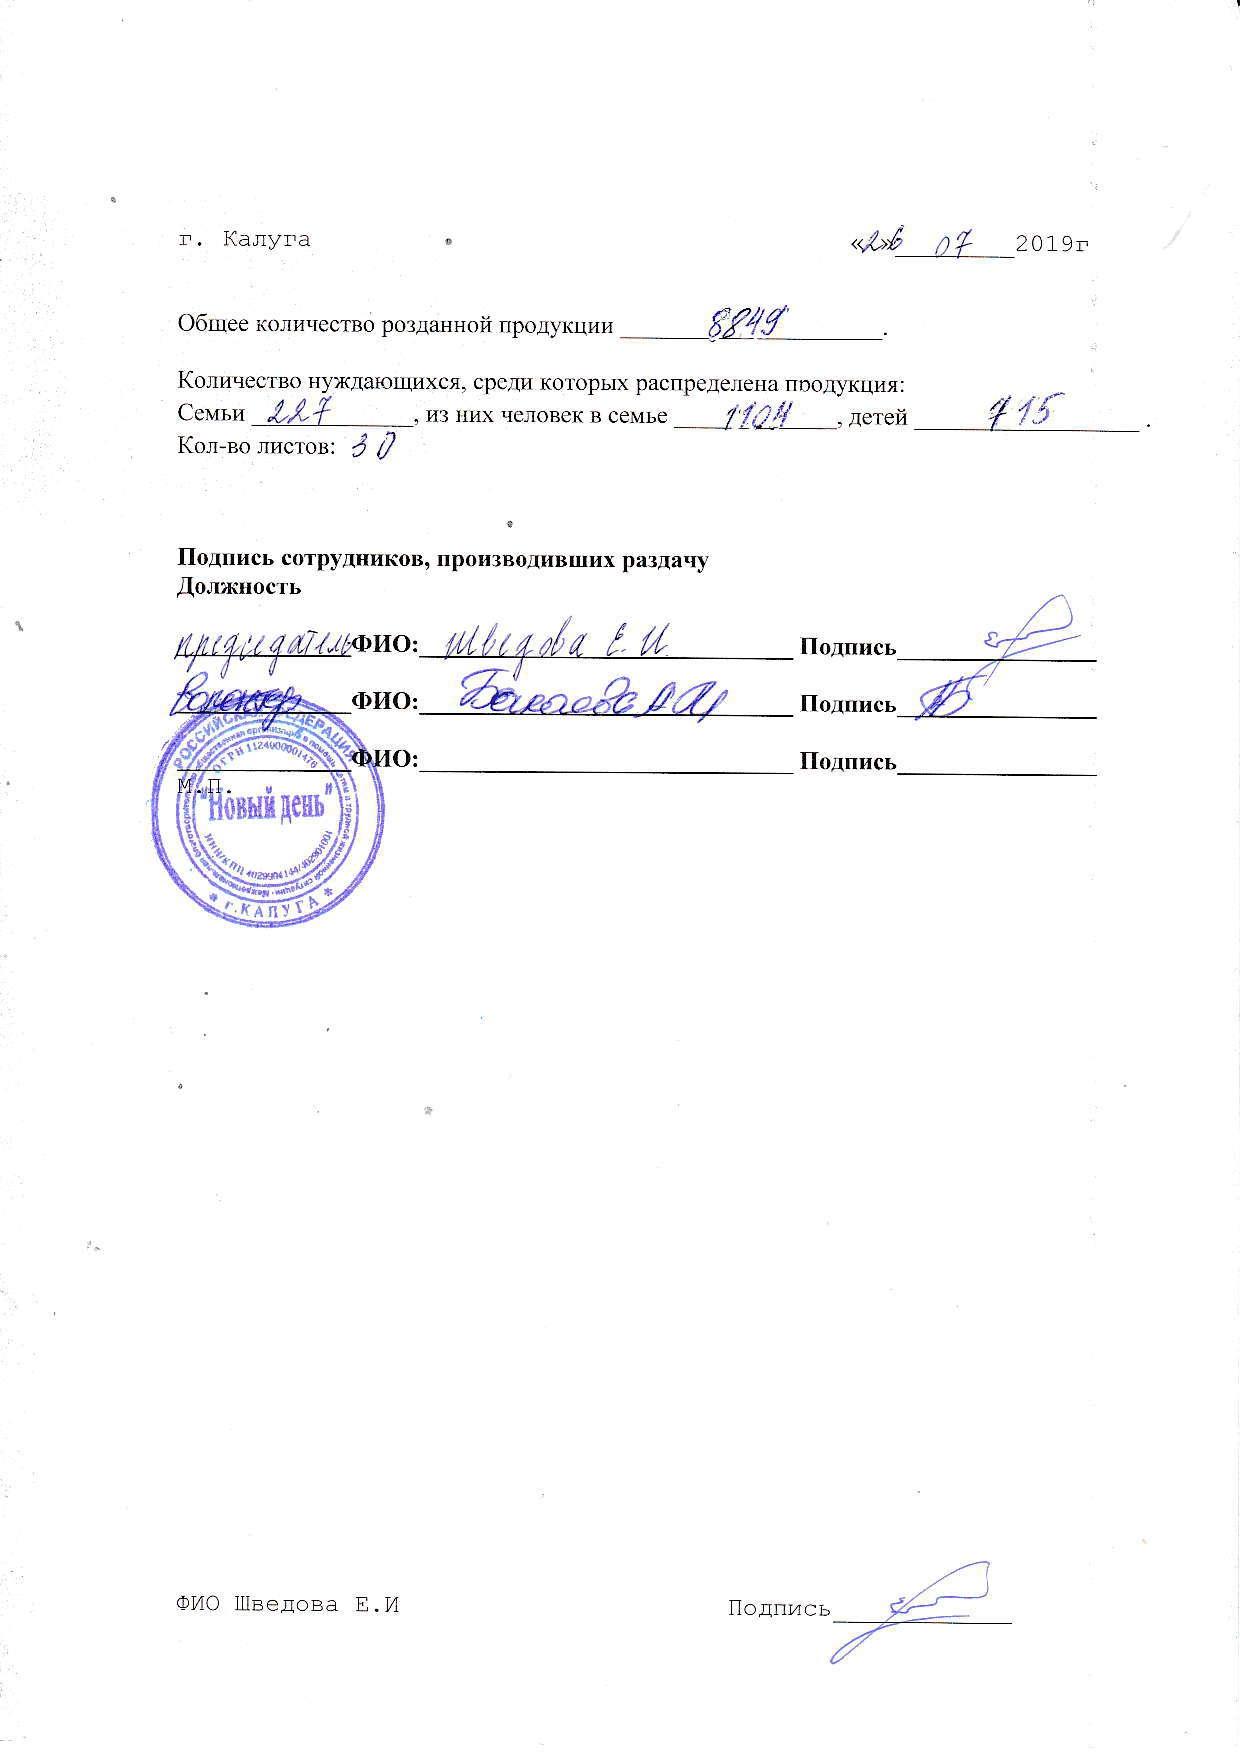 Молочка кол-во 26.07.2019